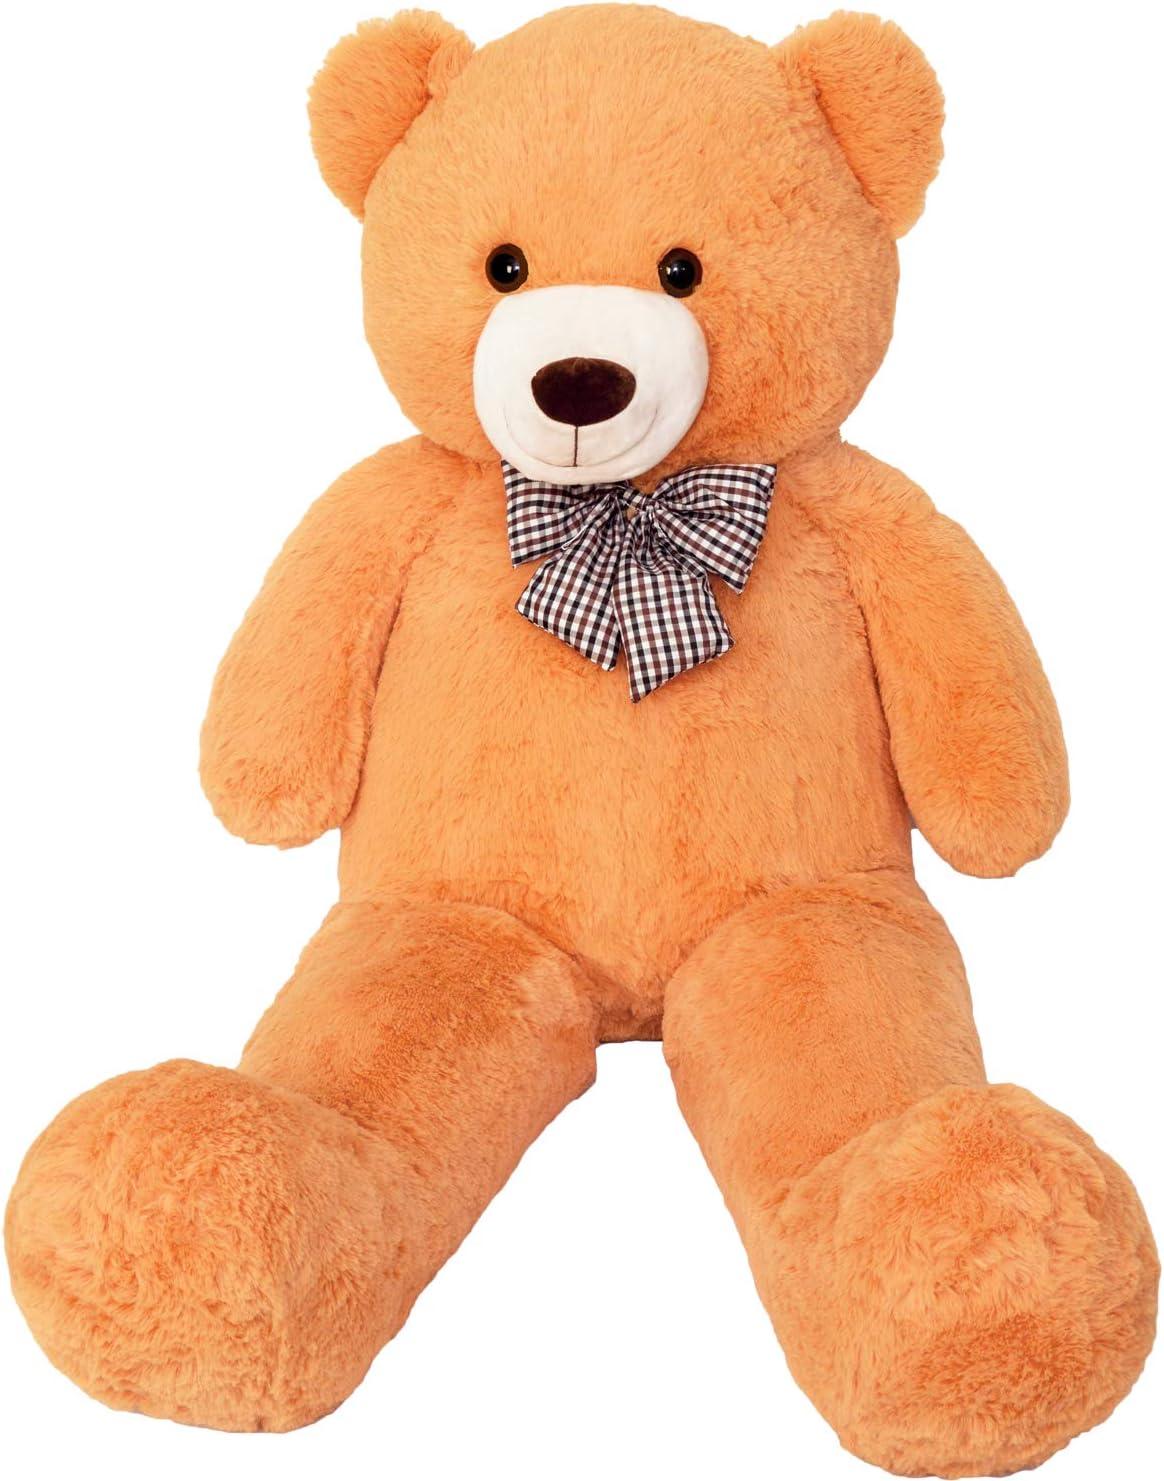 FSN Oso de Peluche Gigante Grande Teddy, 120cm Juguete de Peluche Osito Suave y Cariñoso Niños y Adultos Naranja